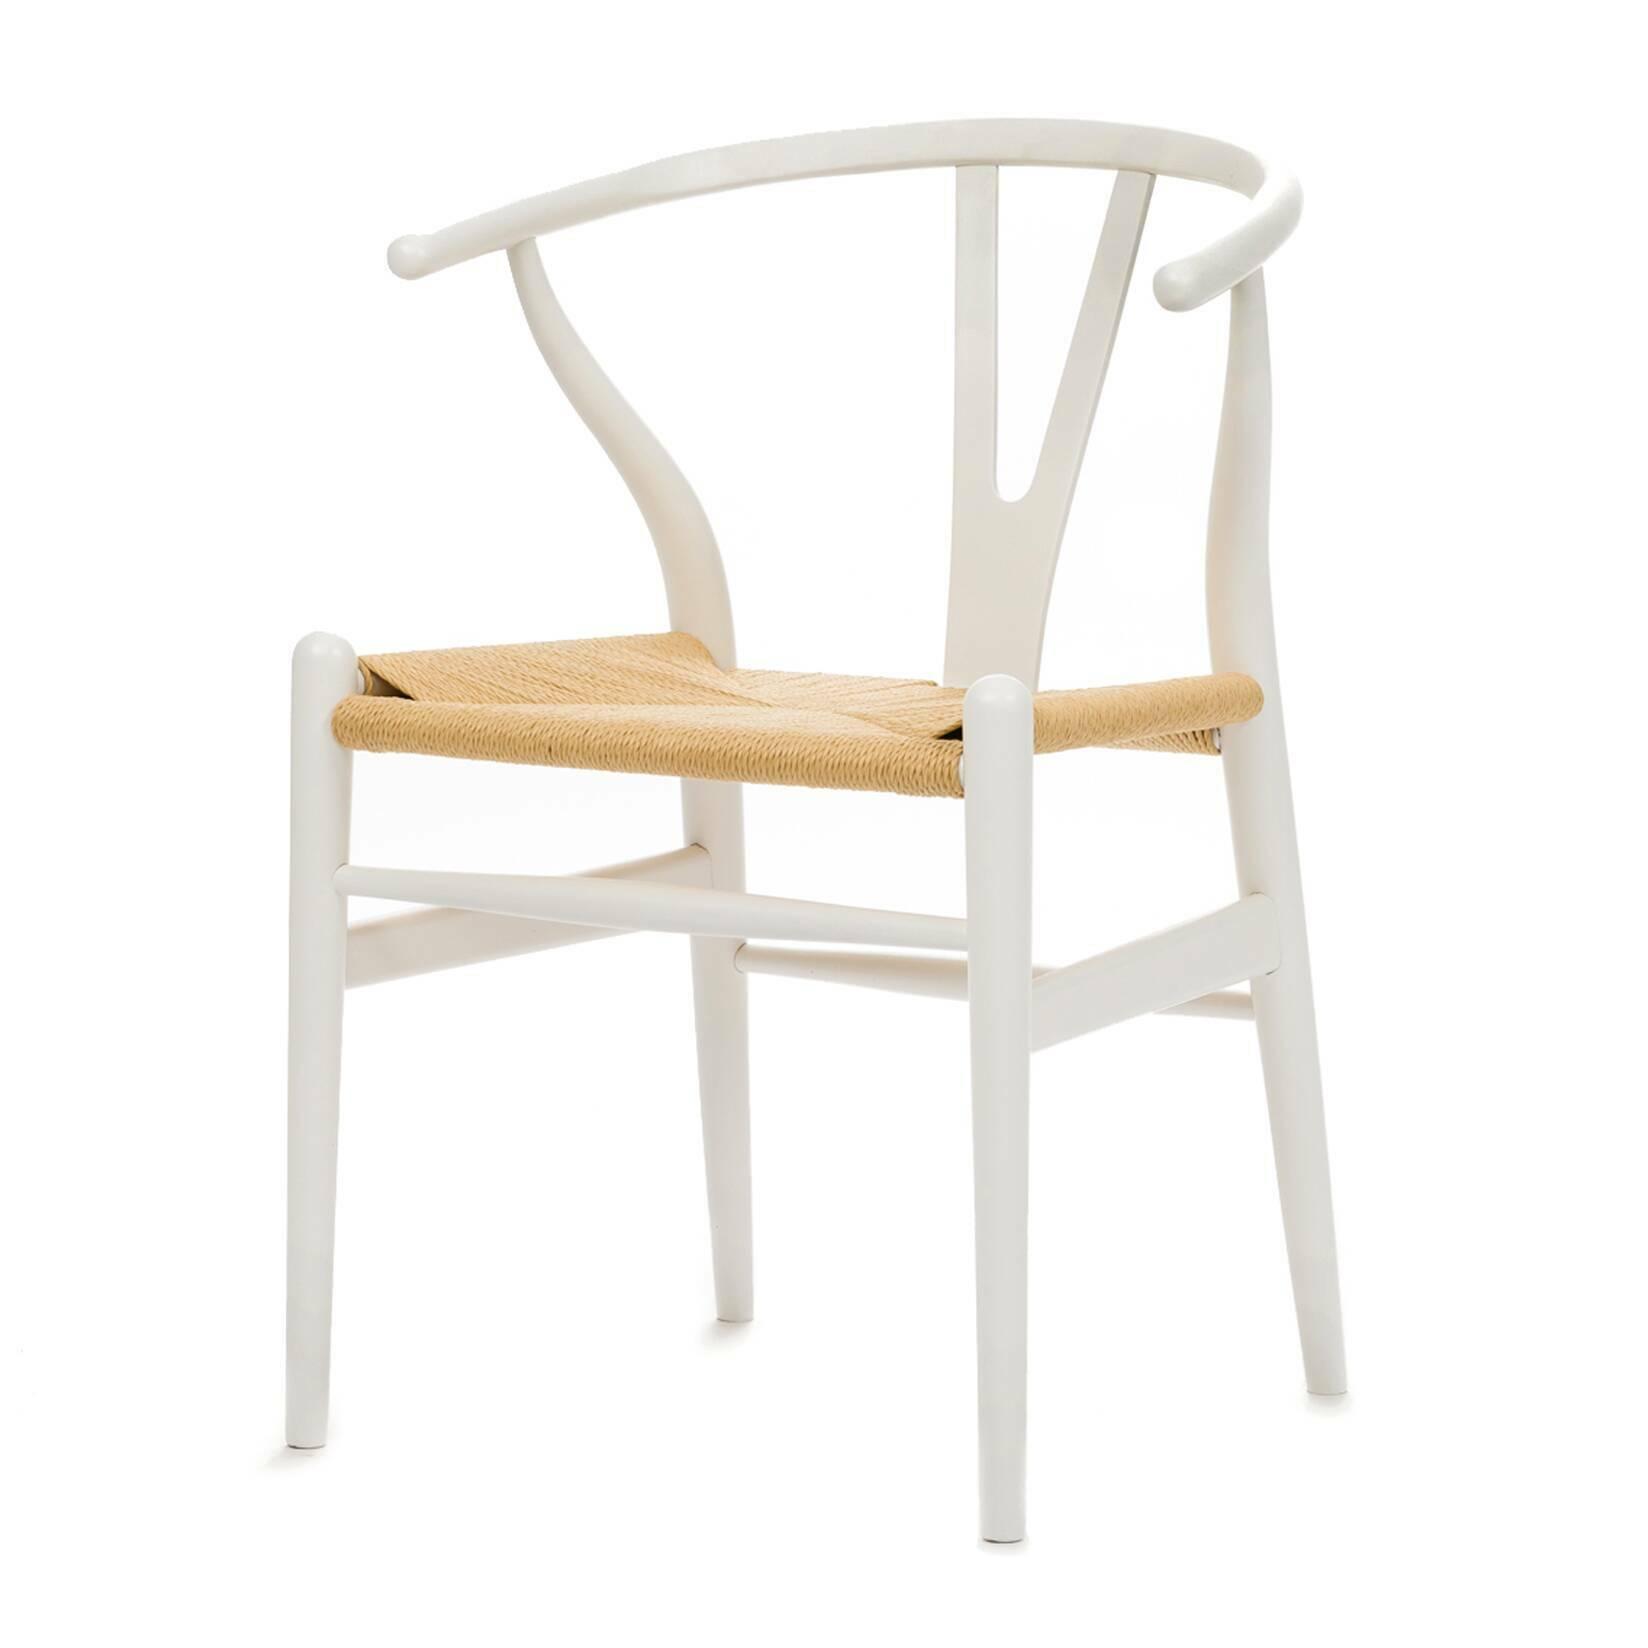 Стул Wishbone окрашеныйИнтерьерные<br>Дизайнерский деревянный стул Wishbone (Уишбон) с бумажным сиденьем от Cosmo (Космо).<br><br> Стул Wishbone был разработан в 1949 году передовым датским дизайнером мебели Хансом Вегнером. Стул Wishbone был создан под впечатлением от просмотра классических портретов датских торговцев, сидящих на китайских стульях династии Мин. Свое название стул Wishbone («вилка») получил за специфическую форму спинки сиденья.<br><br><br> Также известный как CH24, стул Wishbone окрашенный широко используется при оформле...<br><br>stock: 1<br>Высота: 76<br>Высота сиденья: 45<br>Ширина: 55,5<br>Глубина: 53,5<br>Материал каркаса: Массив бука<br>Тип материала каркаса: Дерево<br>Цвет сидения: Бежевый<br>Тип материала сидения: Корд бумажный<br>Цвет каркаса: Белый